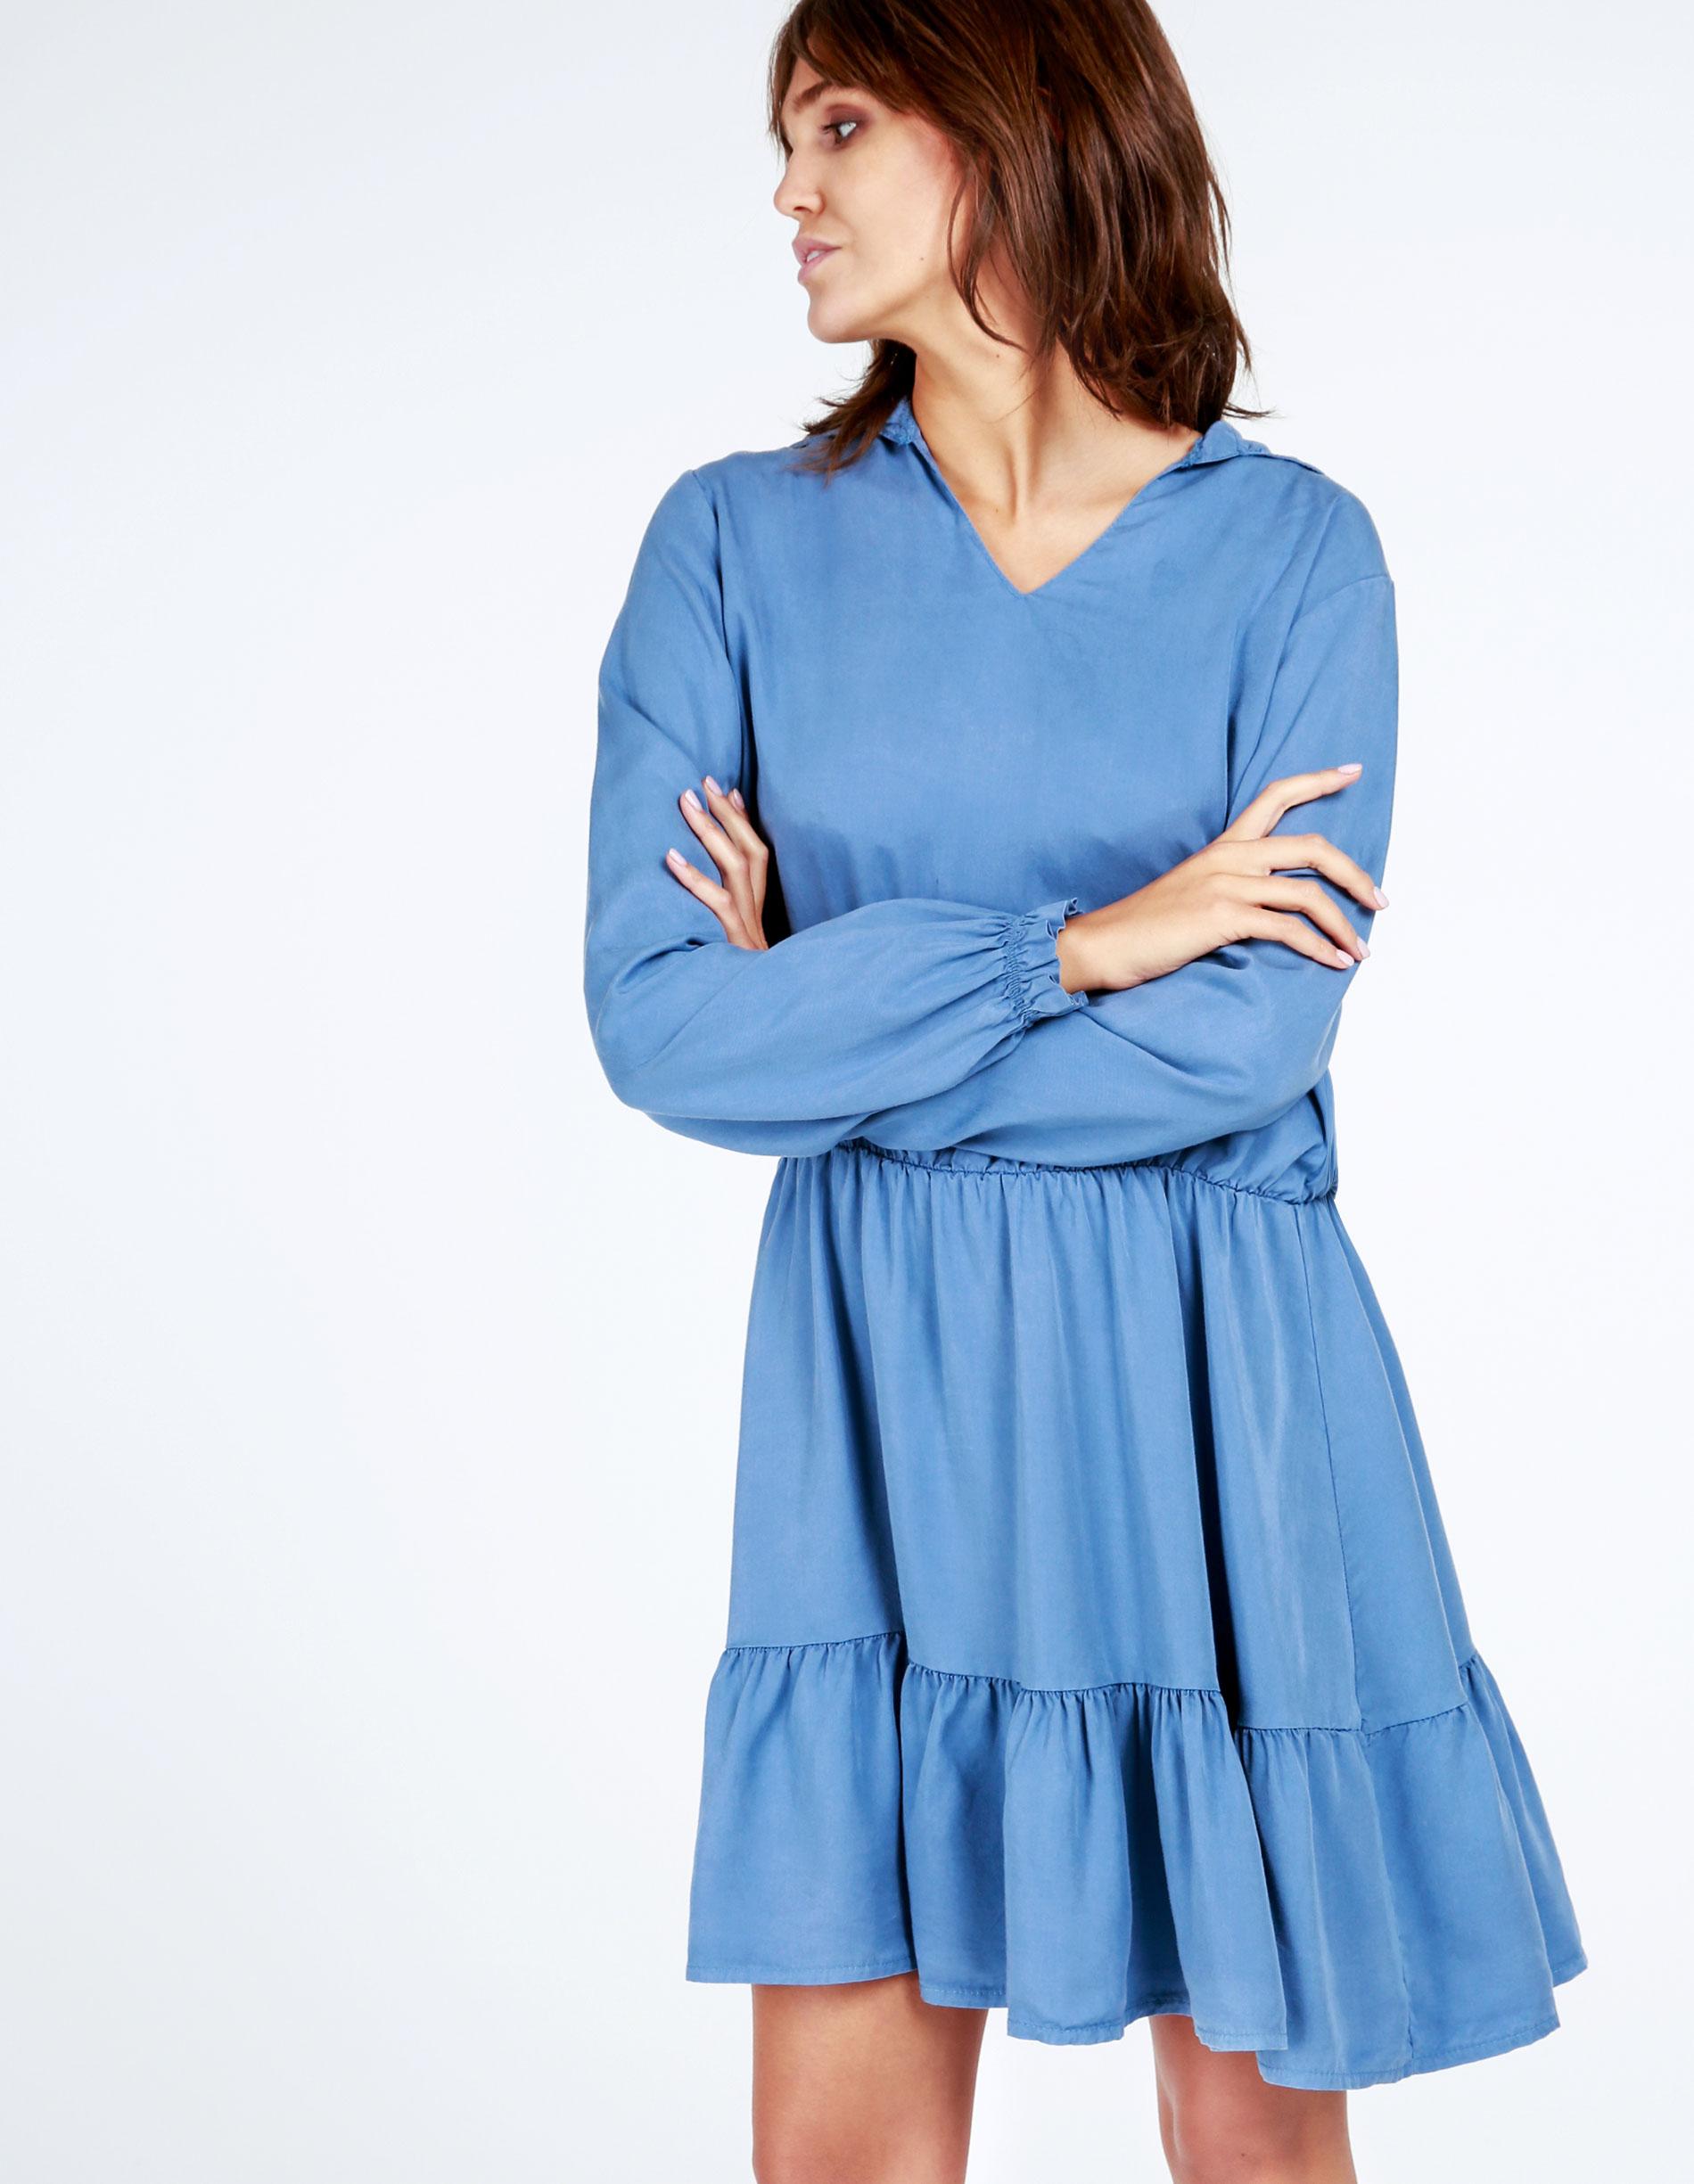 Sukienka - 138-4029 JEAN - Unisono